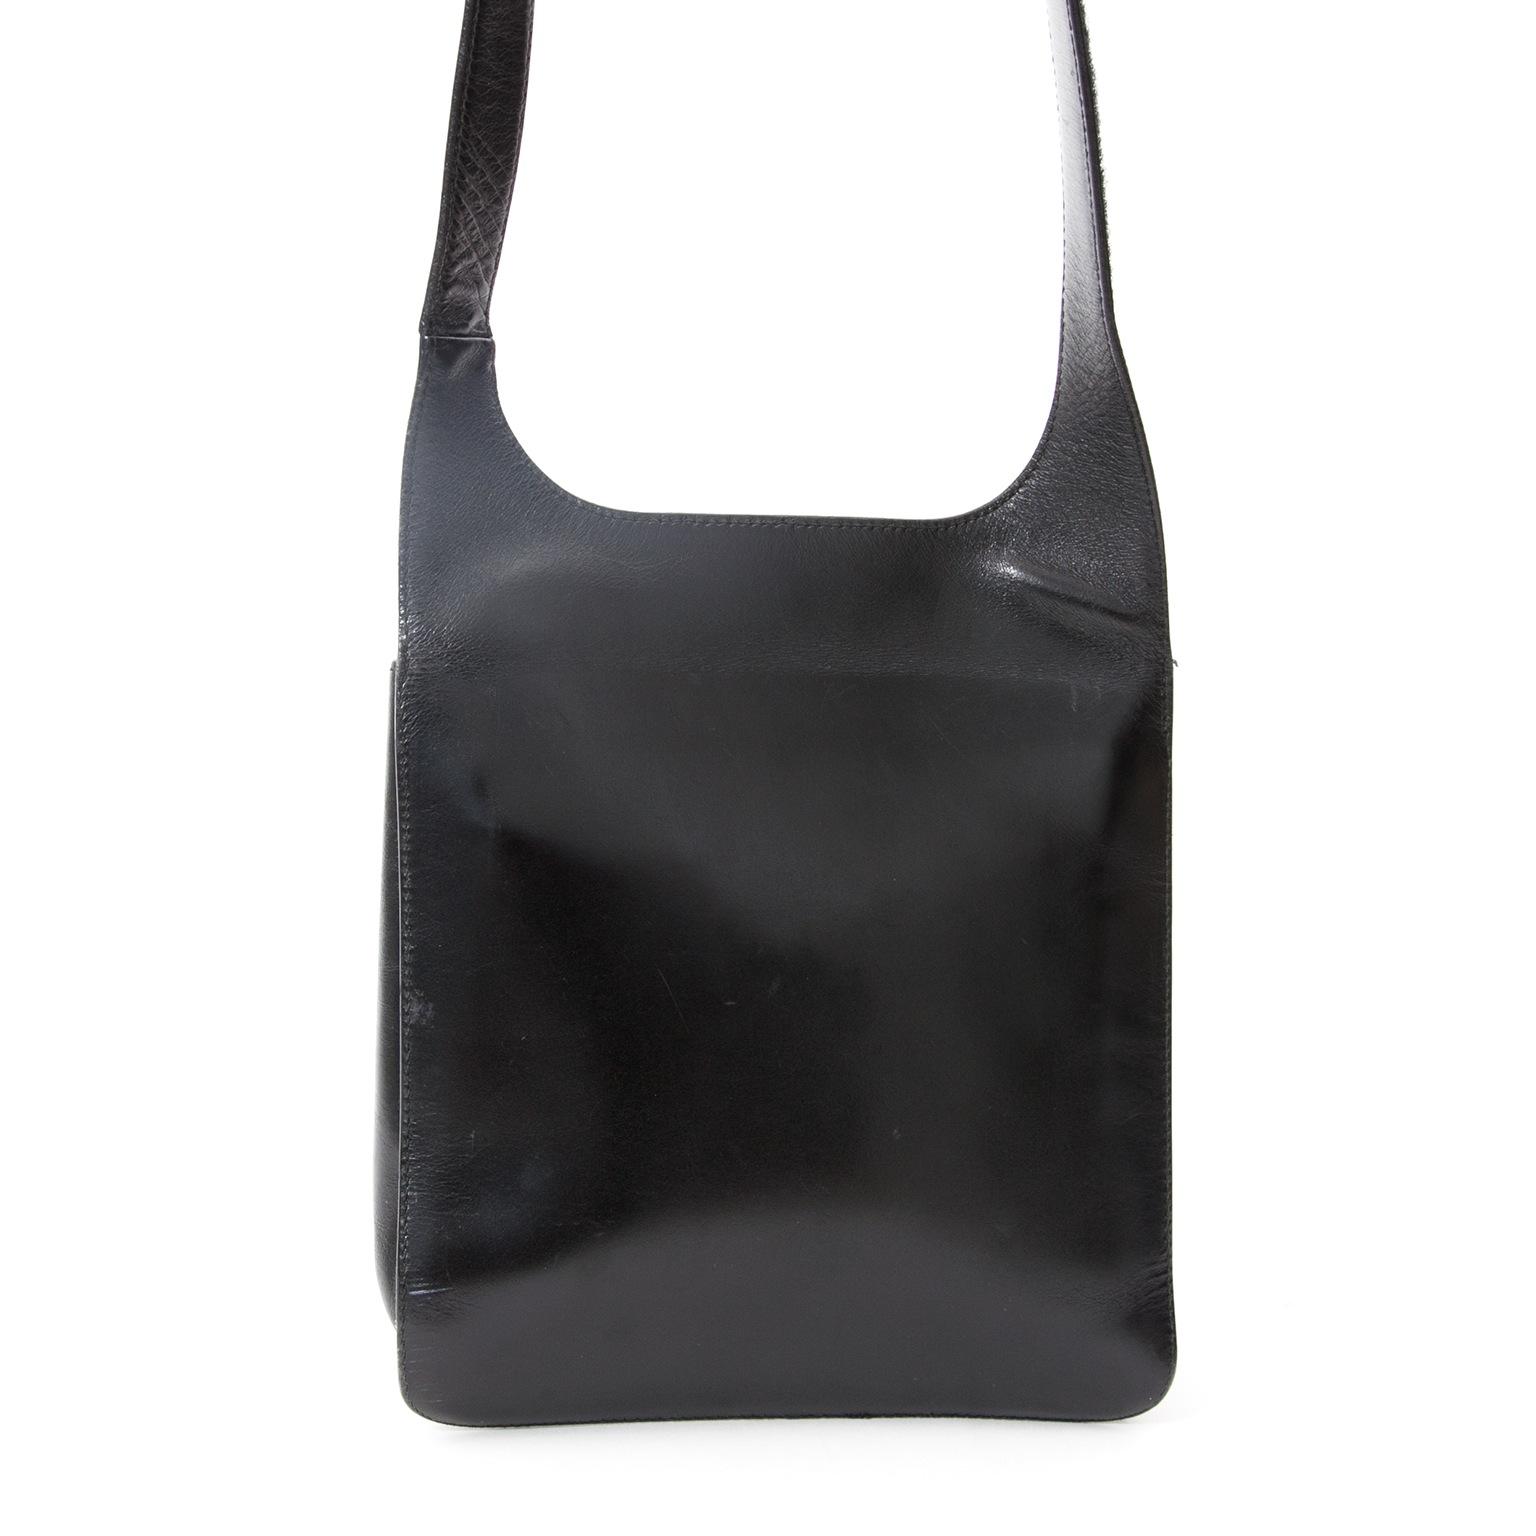 6b6fcf1e452e ... Prada Zwarte Vintage Leren Cross-Body Tas, Voor designer merken zoals  Louis Vuitton,